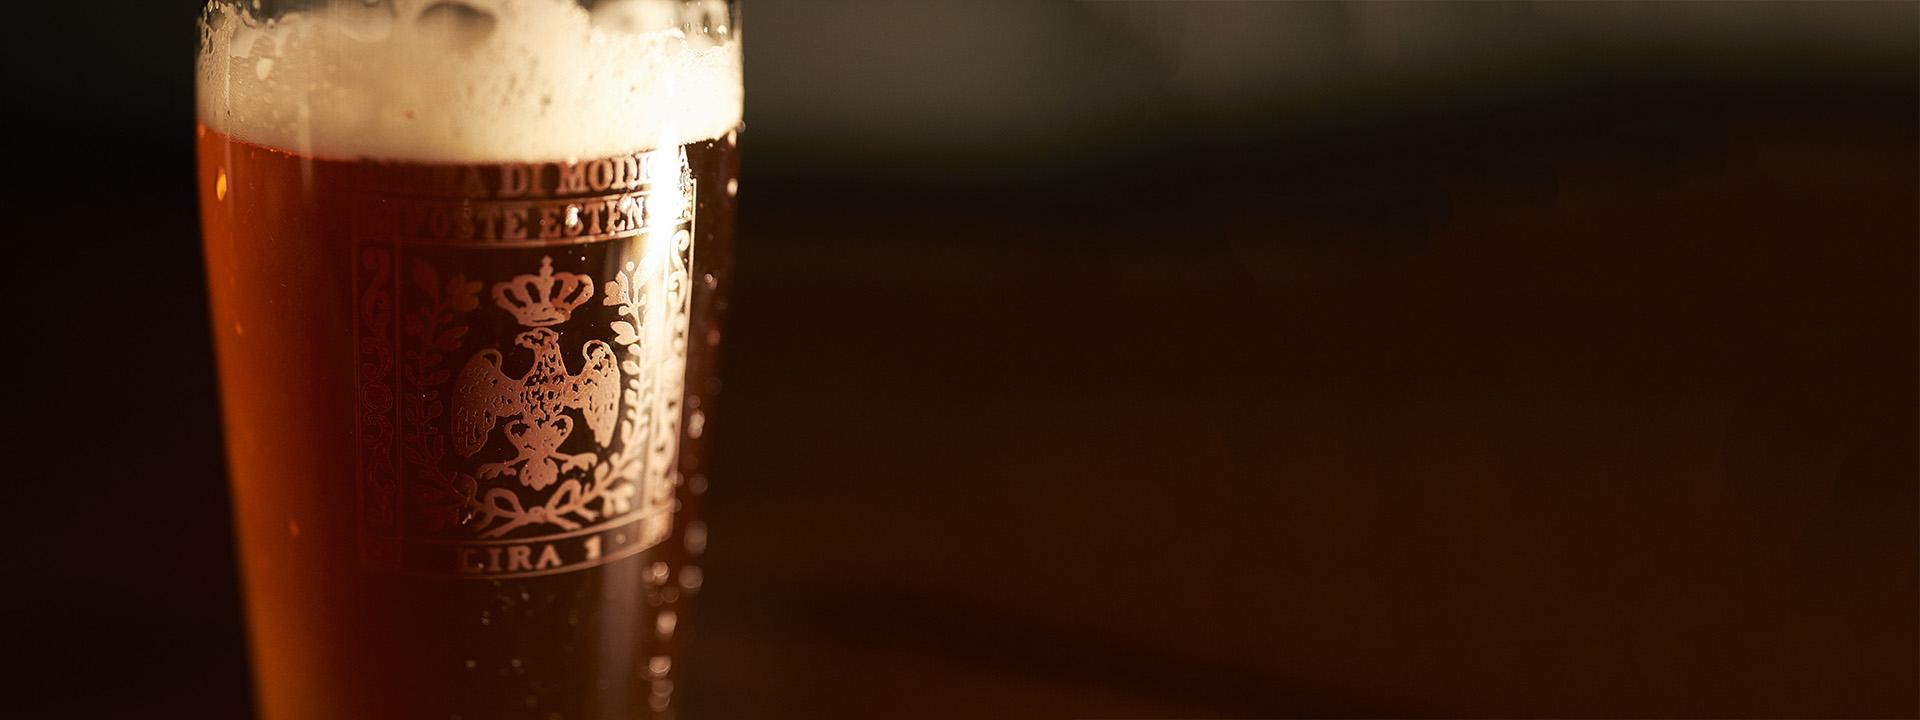 Birra di Modena